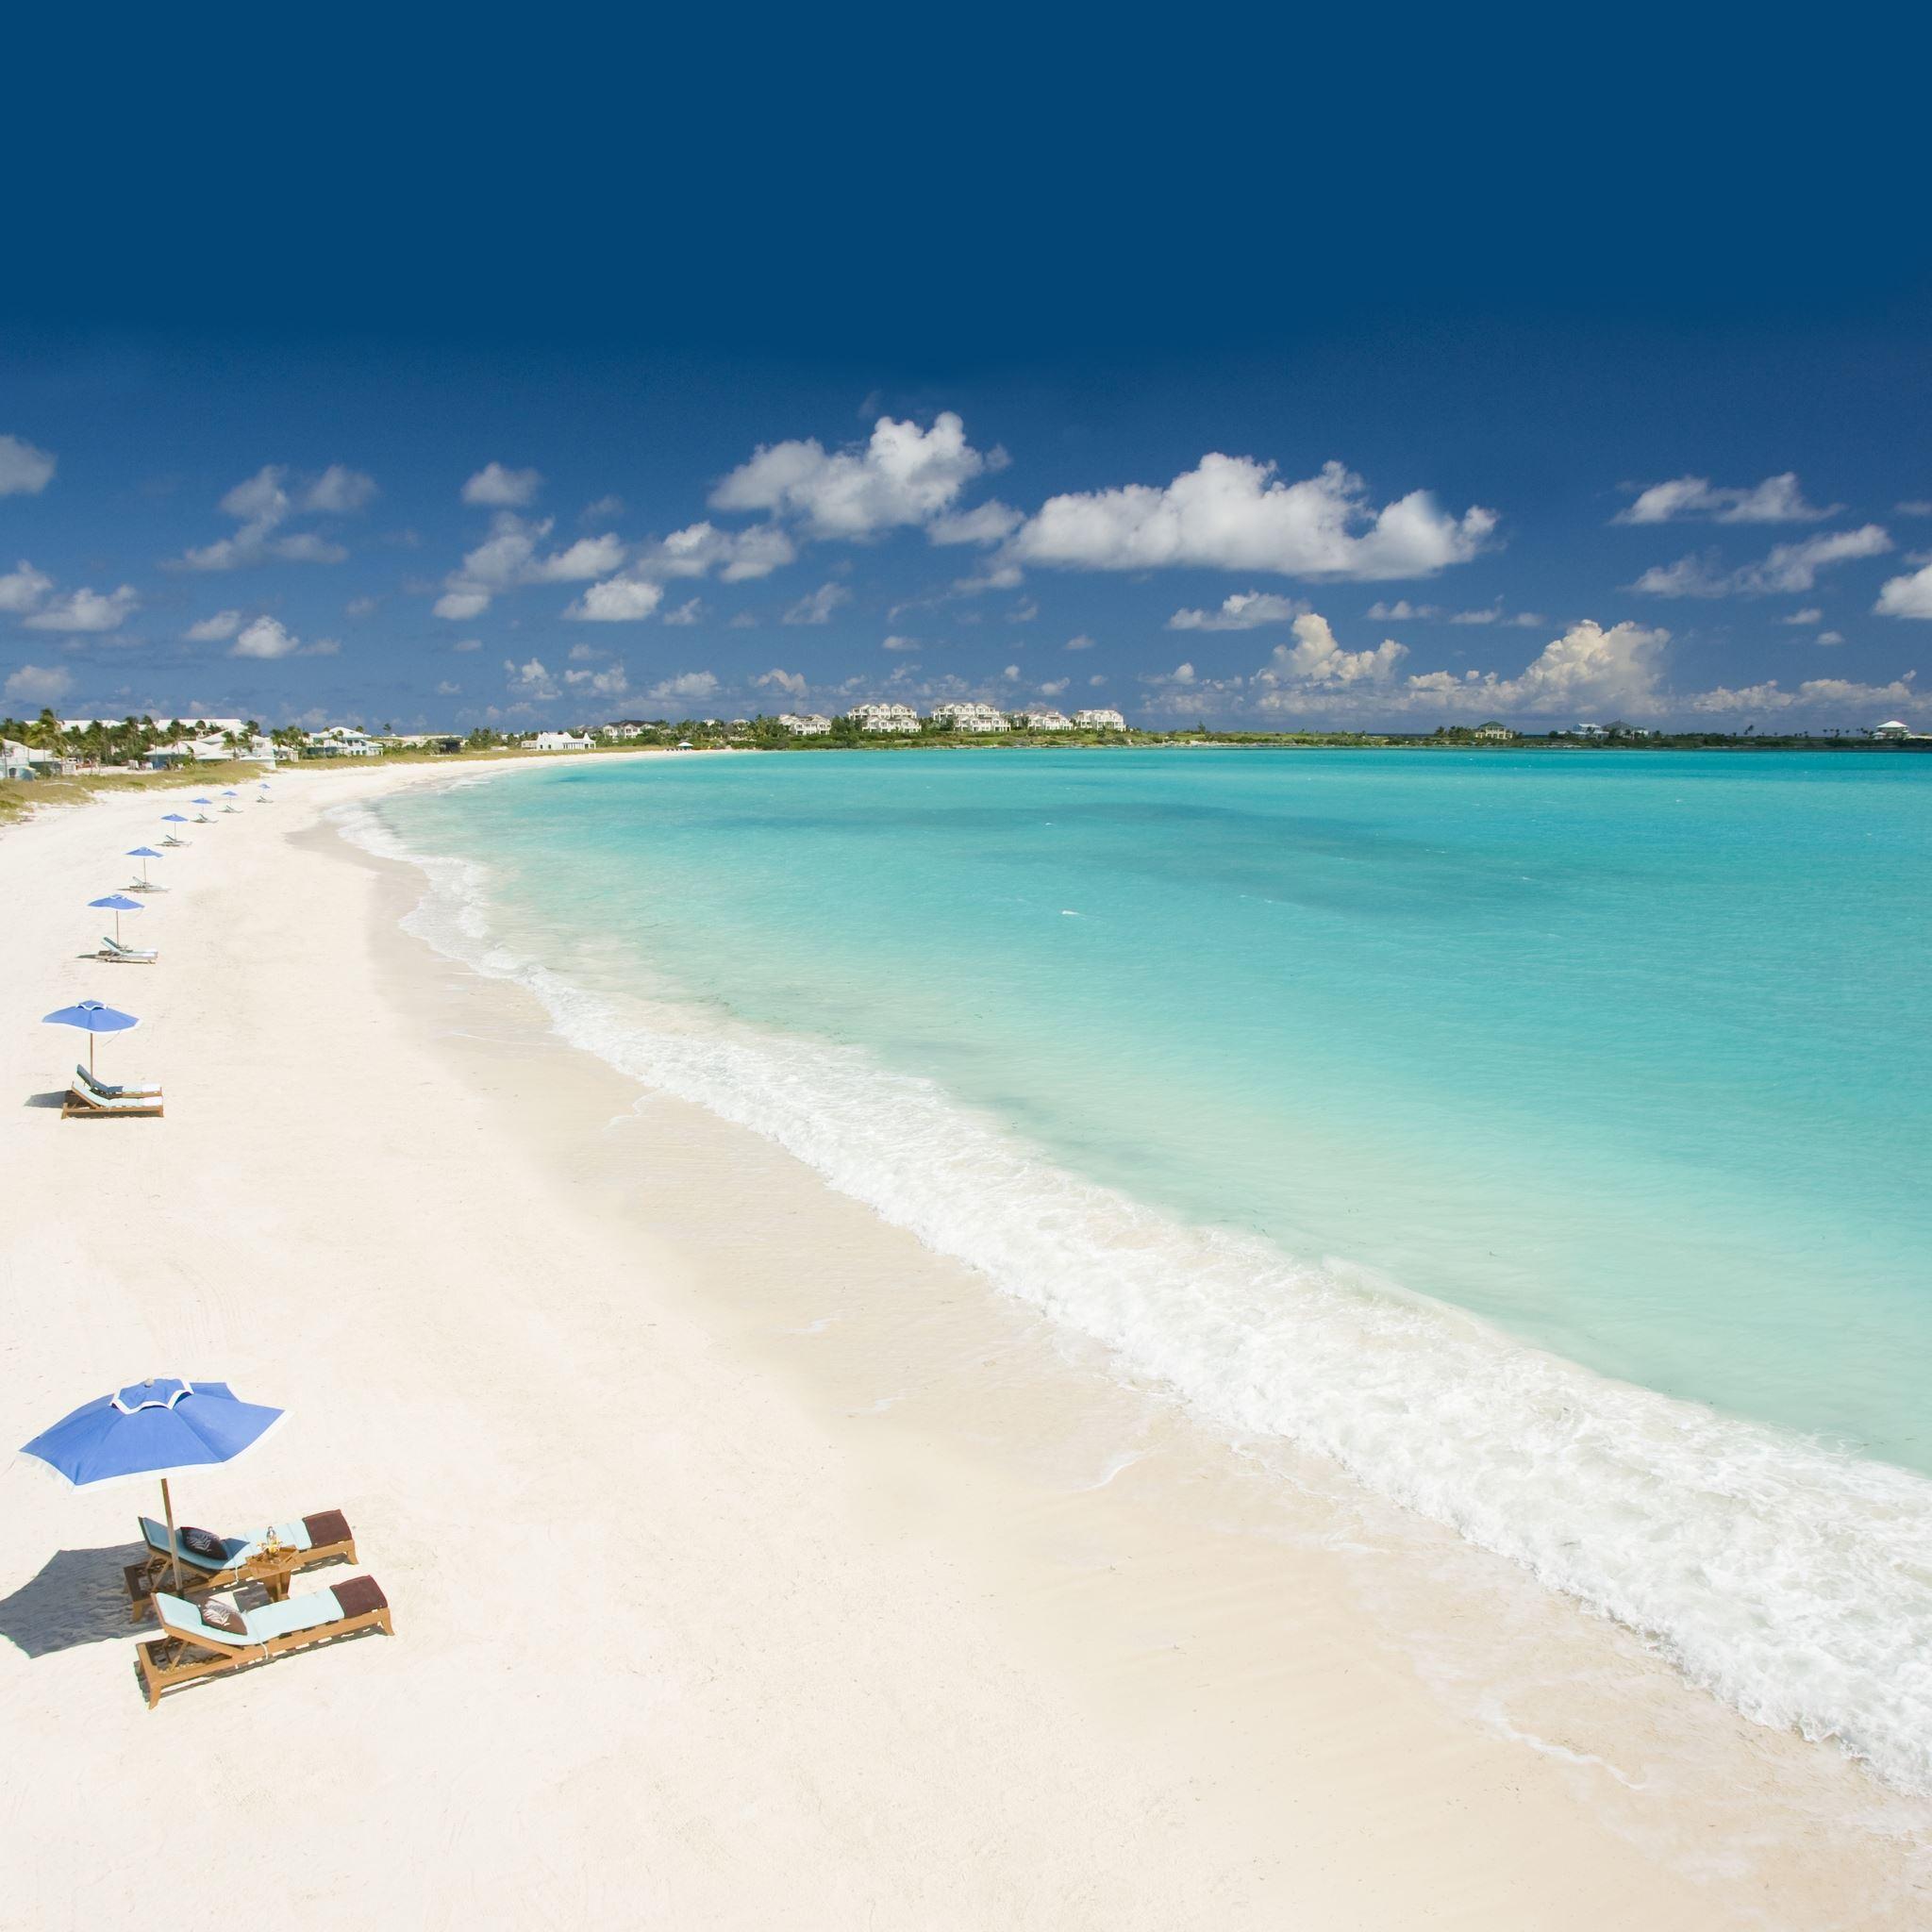 Caribbean Beach Ipad Air Wallpaper Download Iphone Wallpapers